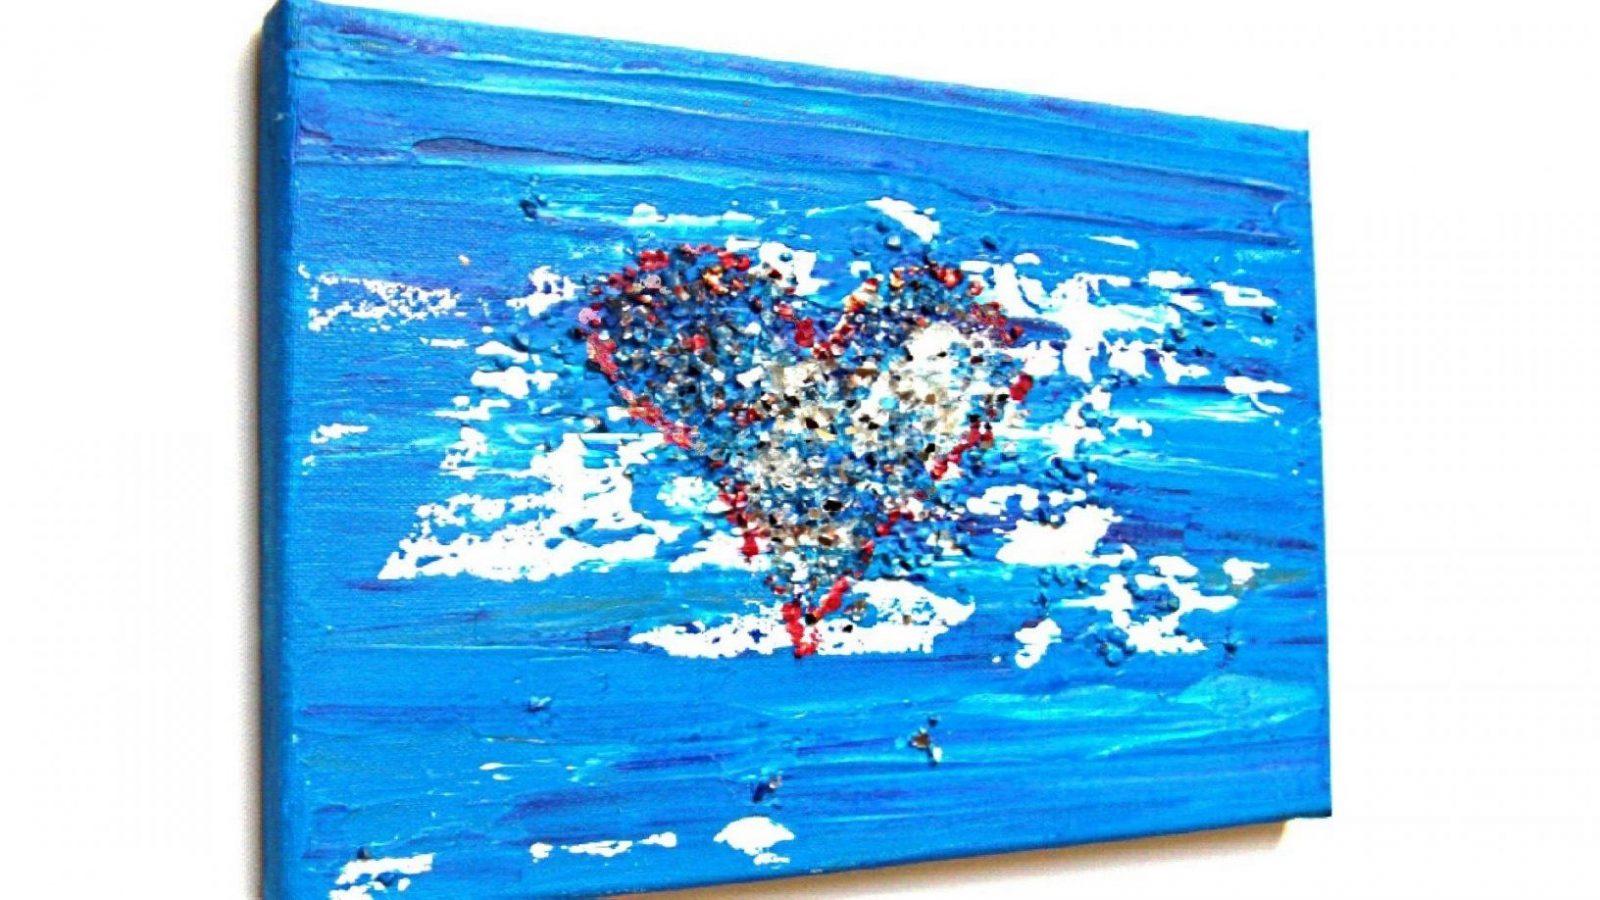 Herz Acryl Malen Für Anfänger (Heart Acrylic Painting For von Acrylbilder Selber Malen Für Anfänger Bild